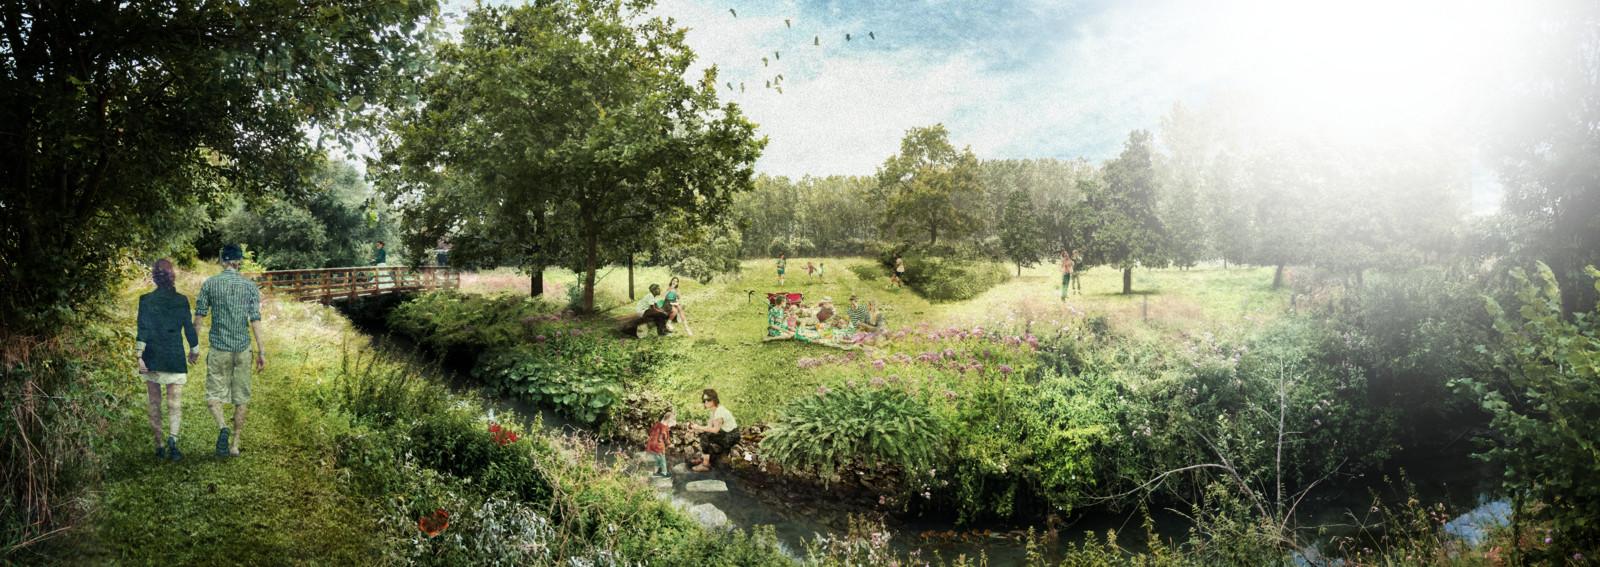 Zo zal het Damiaanpark er uitzien wanneer het helemaal klaar is.